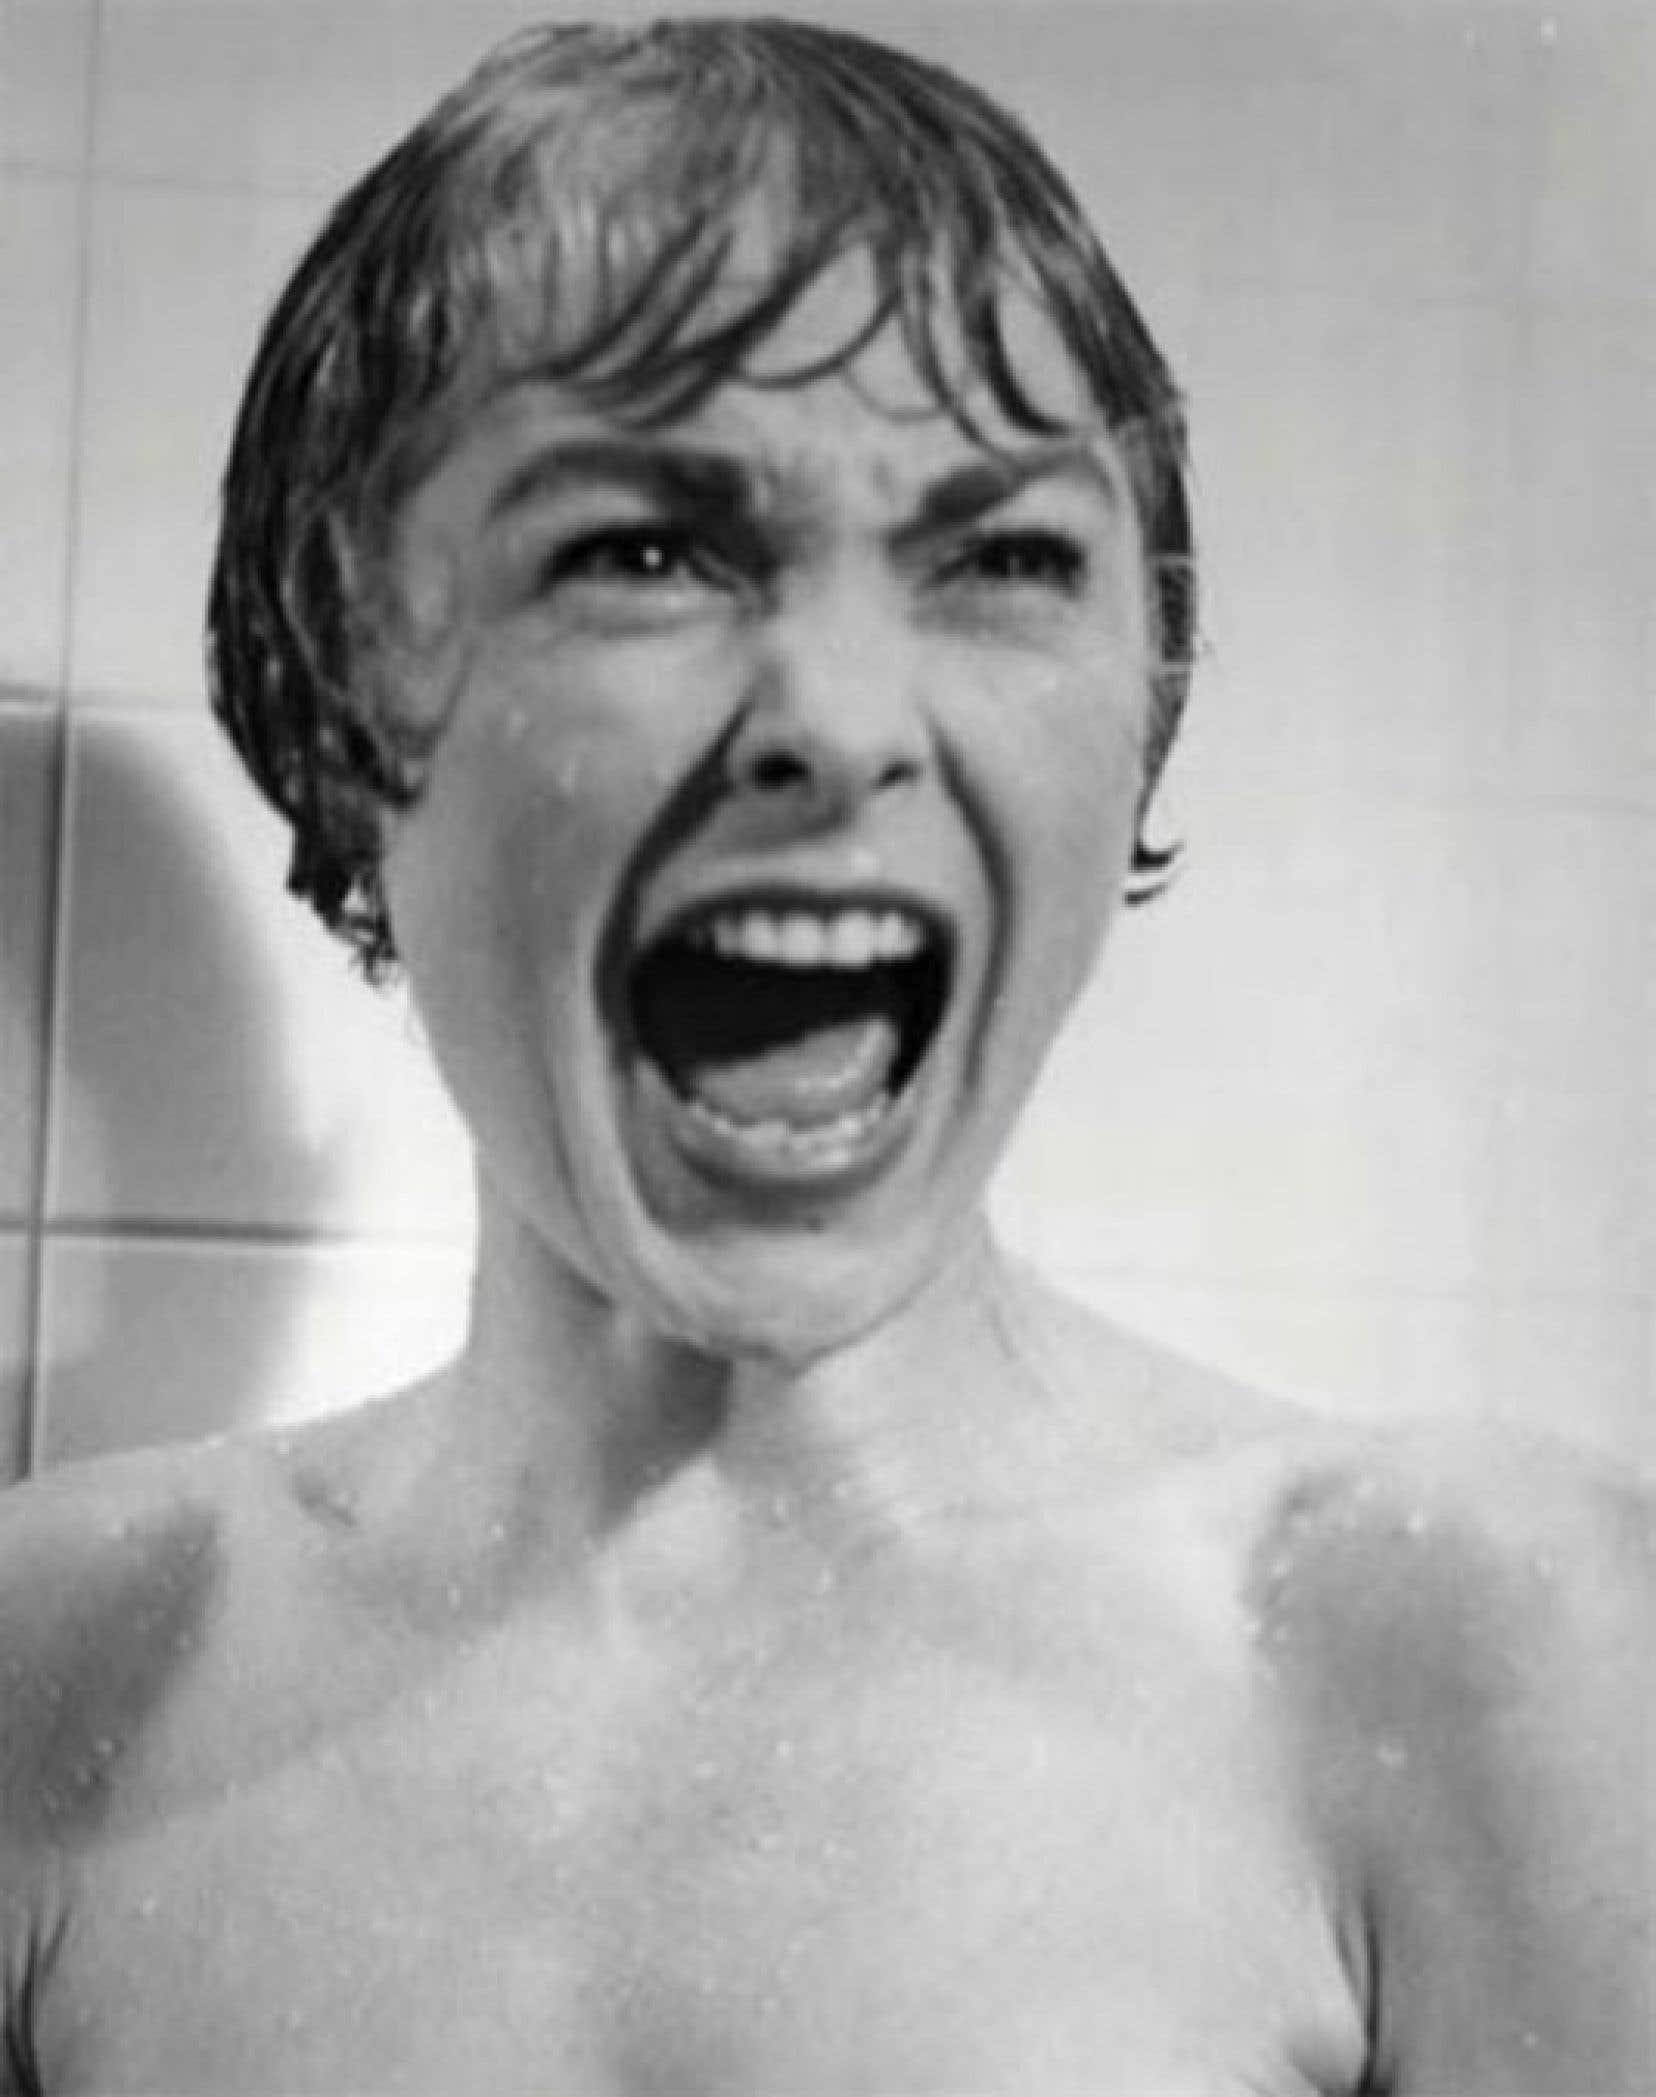 Une image tirée de la scène de la douche du film Psychose de Hitchcock.